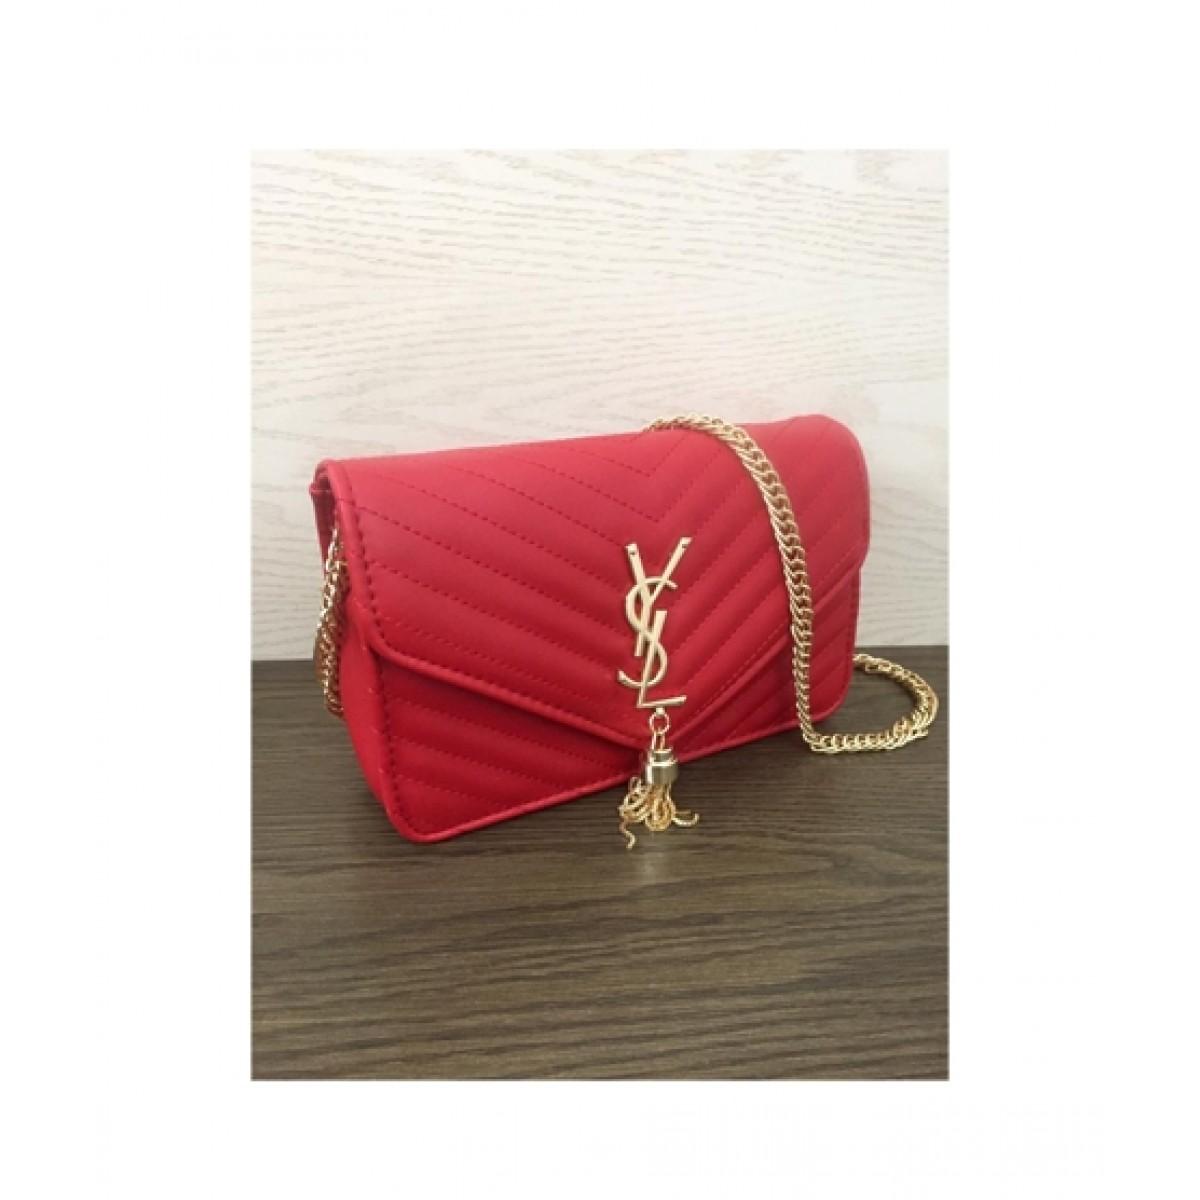 HM Cross Body Bag For Women Red (0018)